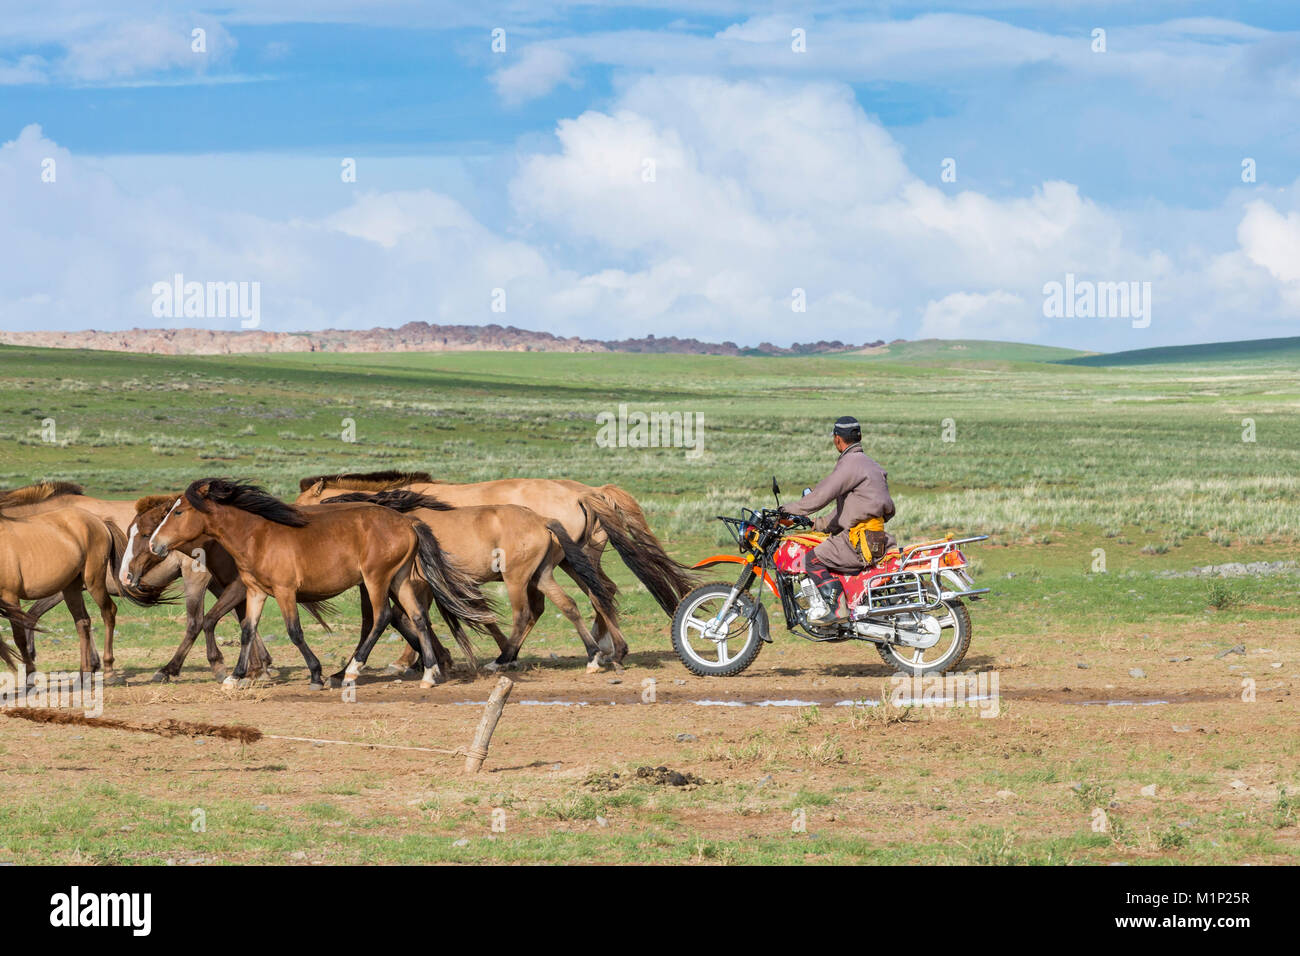 Hombre nómada mongol en moto encuentro caballos, Media provincia de Gobi, Mongolia, Asia Central, África Foto de stock